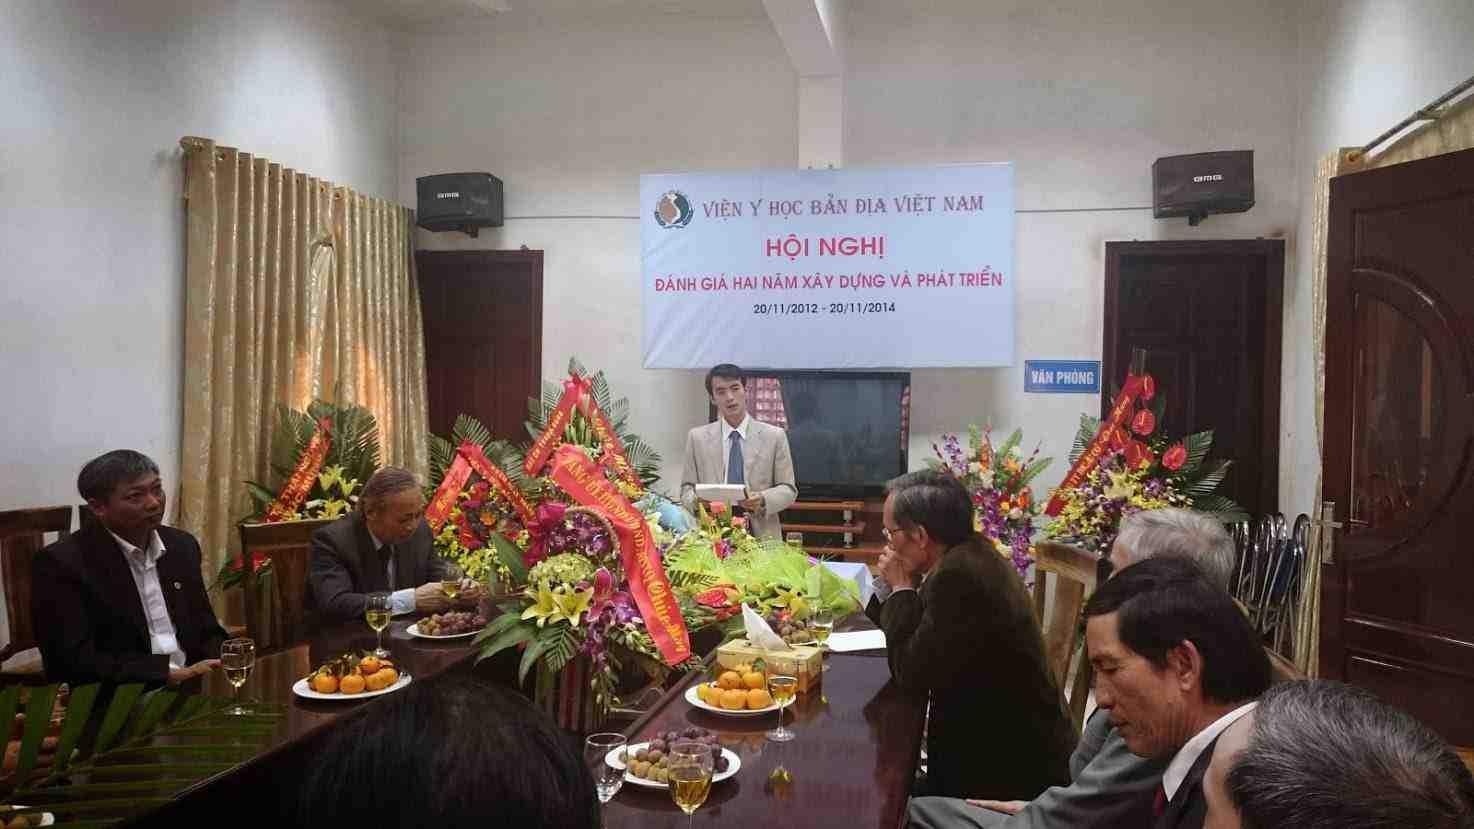 Bs. Hoàng Đôn Hòa đóng vai trò MC trong buổi Hội nghị đánh giá hai năm xây dựng và phát triển của Viện Y học bản địa Việt Nam